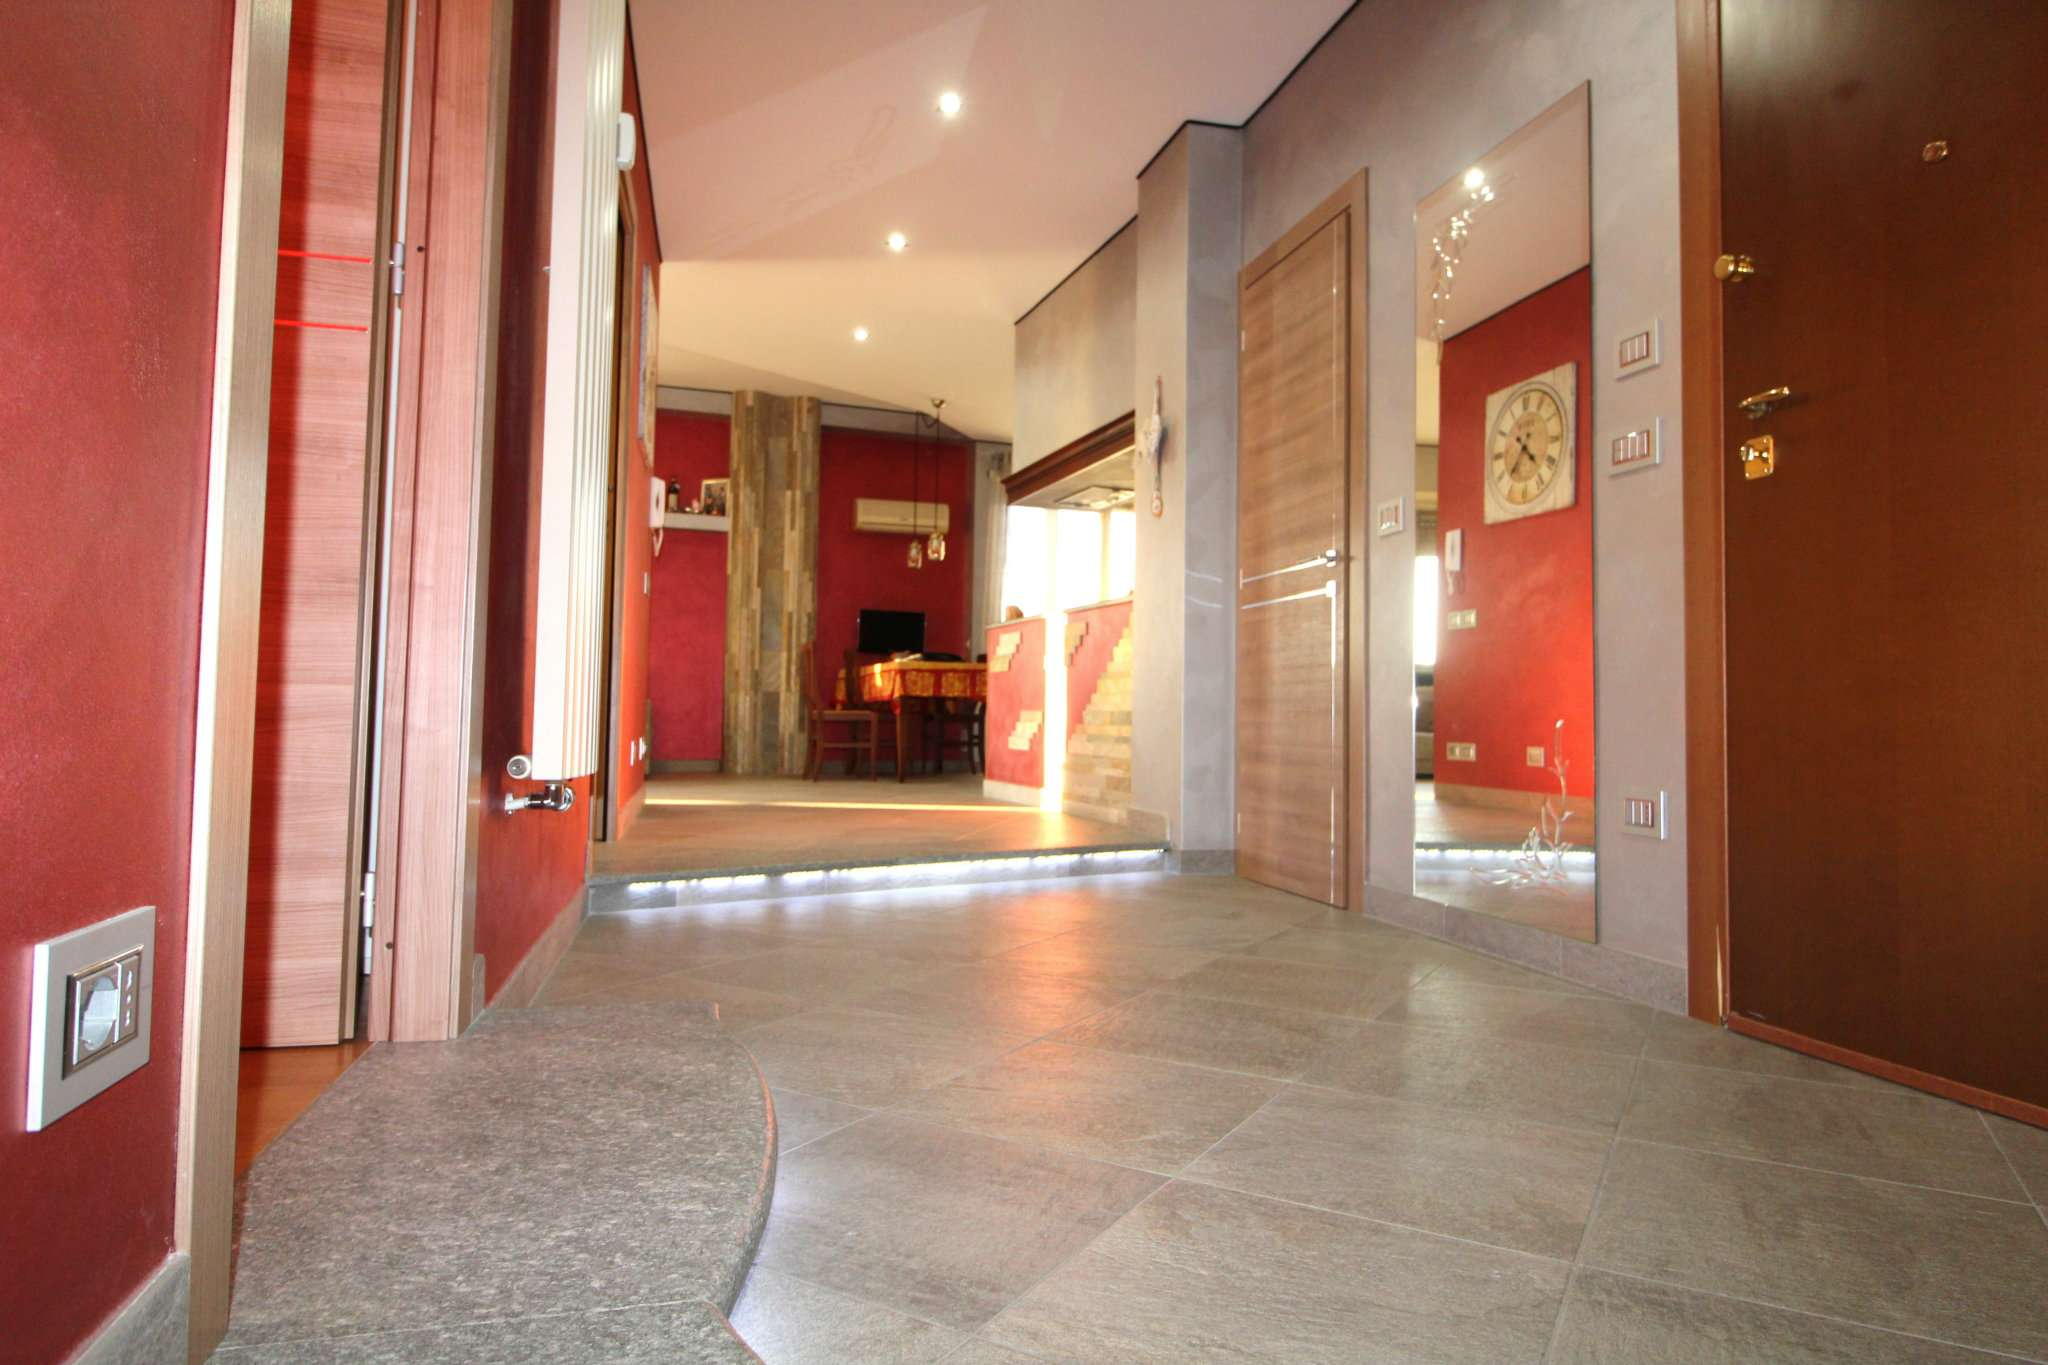 Appartamento in vendita a None, 4 locali, prezzo € 149.000 | CambioCasa.it